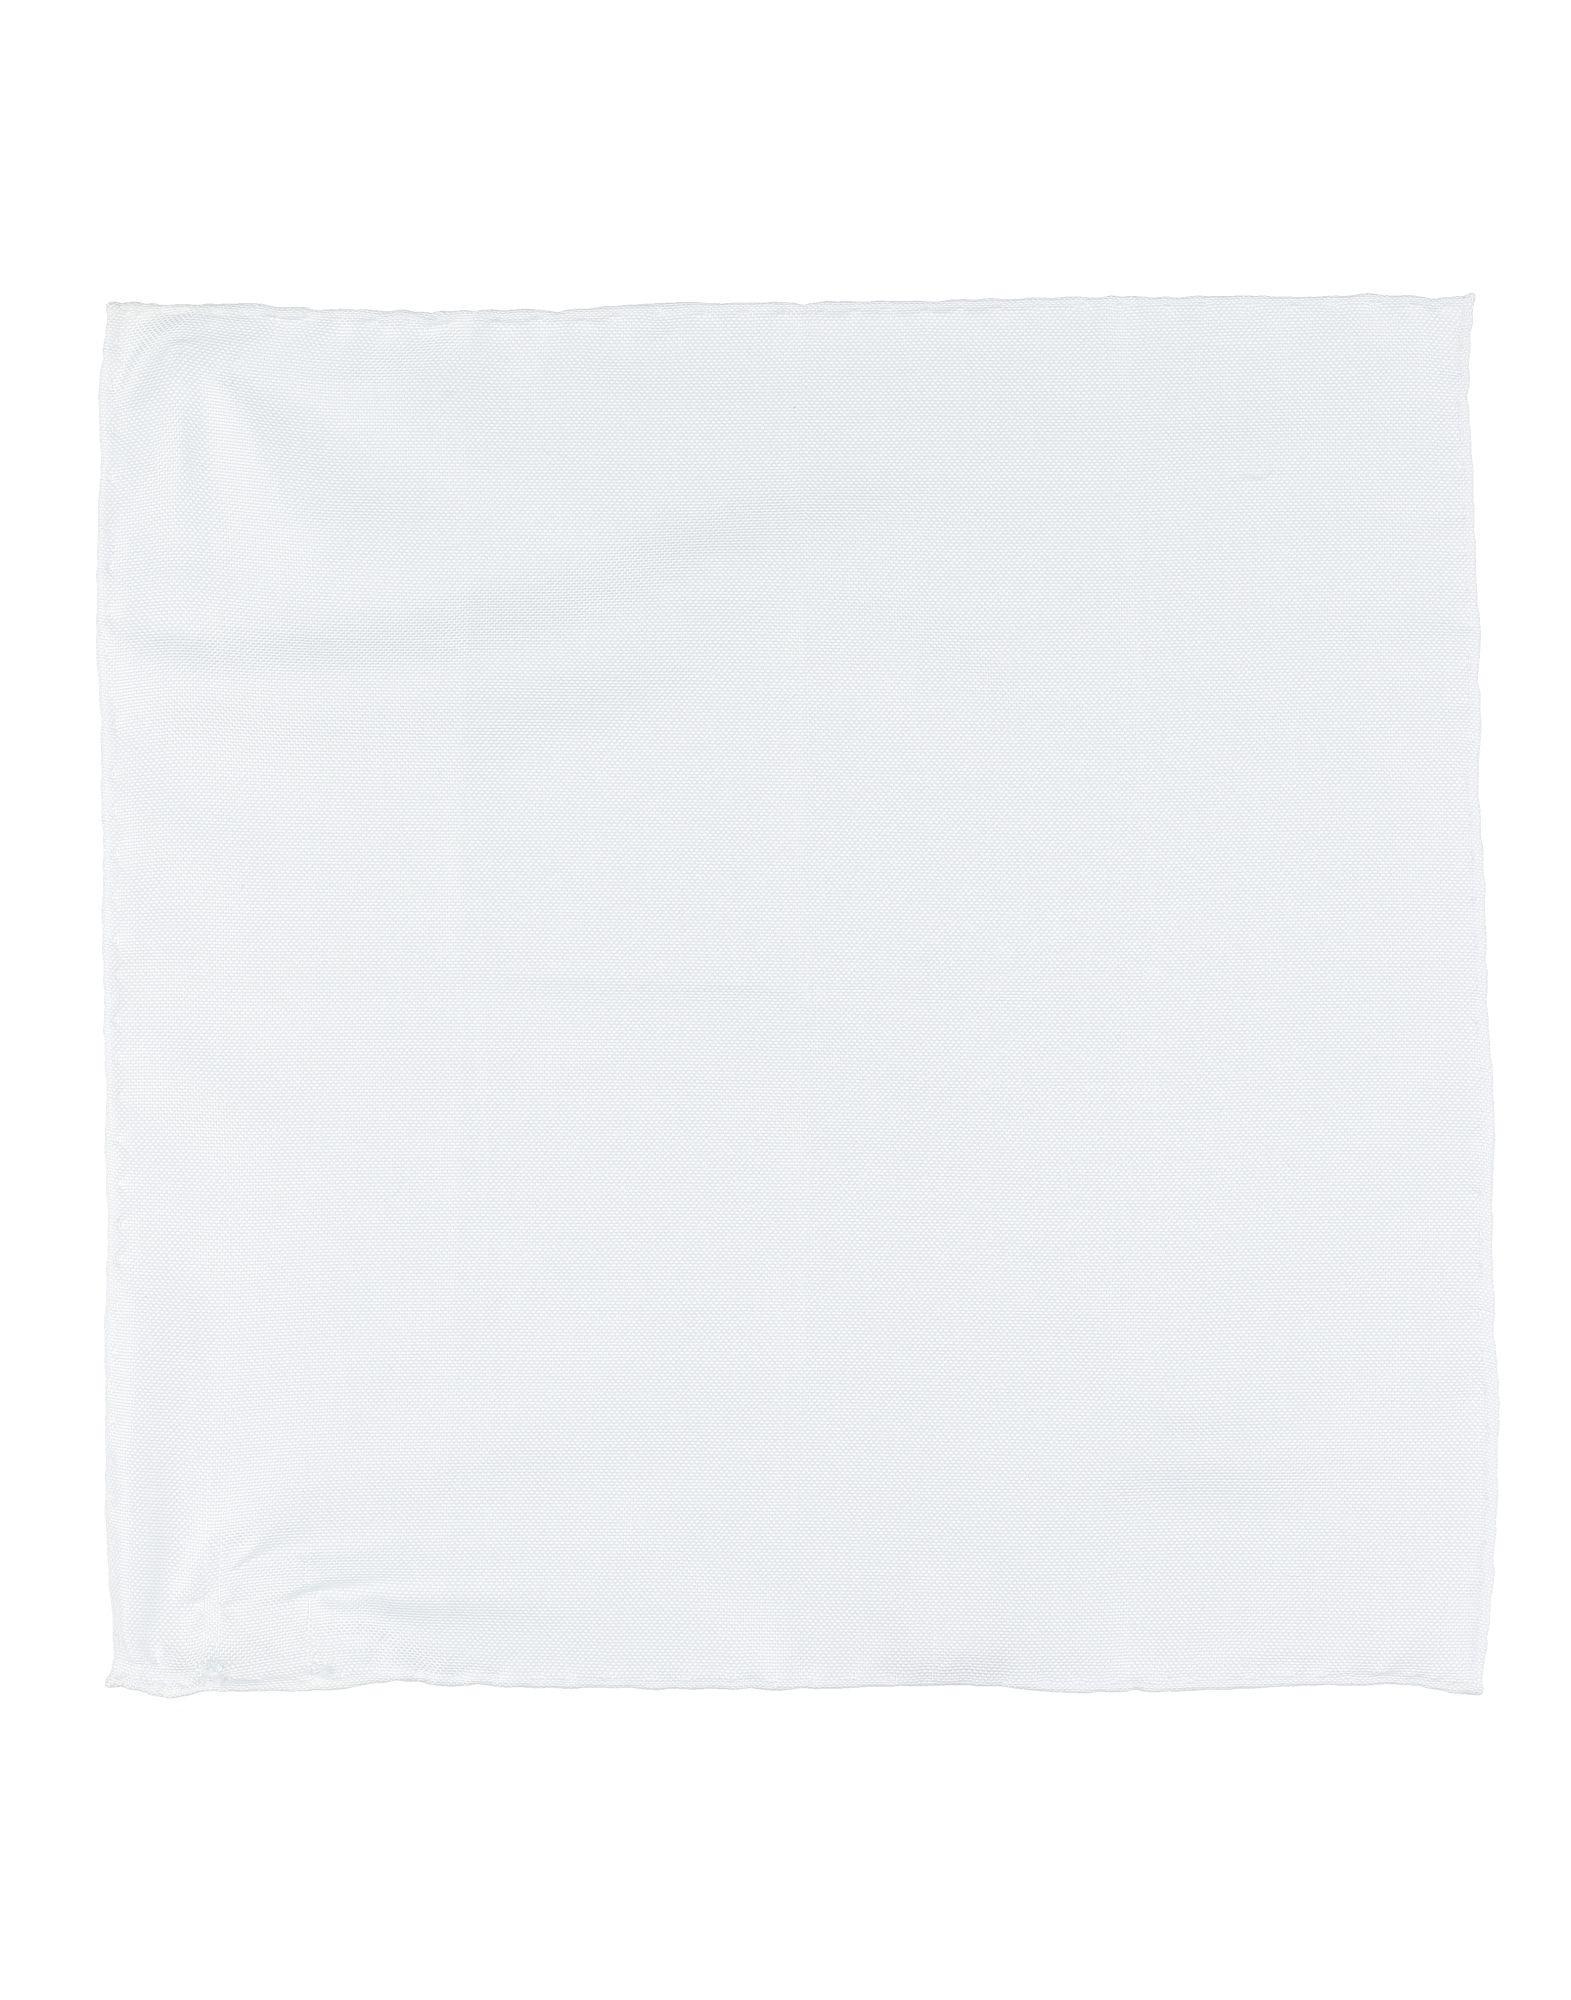 Brunello Cucinelli Square Scarves In White